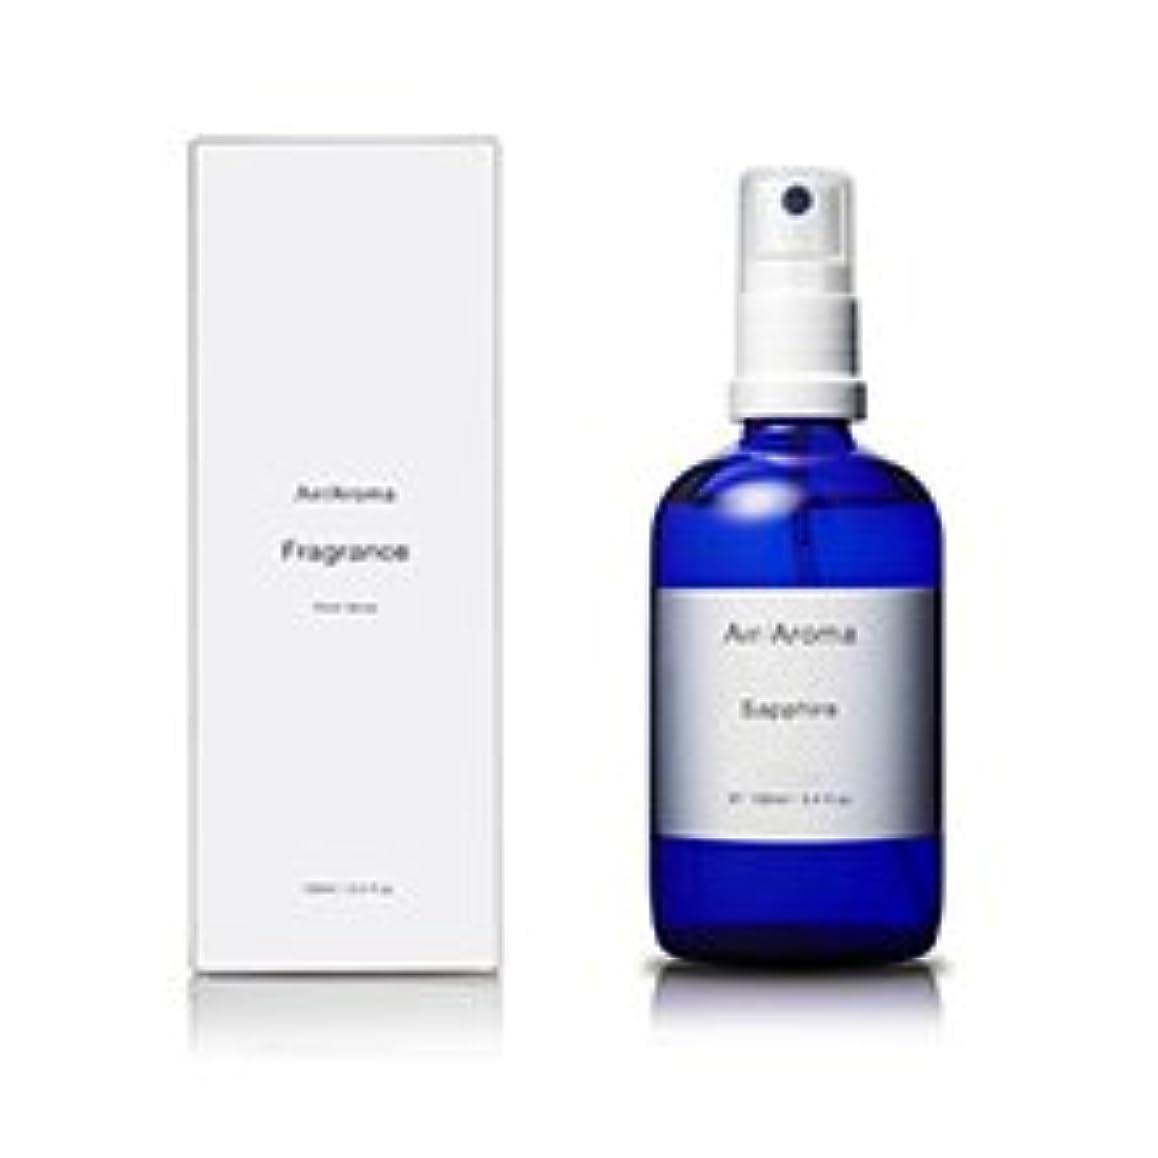 マウントわがままマイルドエアアロマ sapphire room fragrance(サファイア ルームフレグランス) 100ml